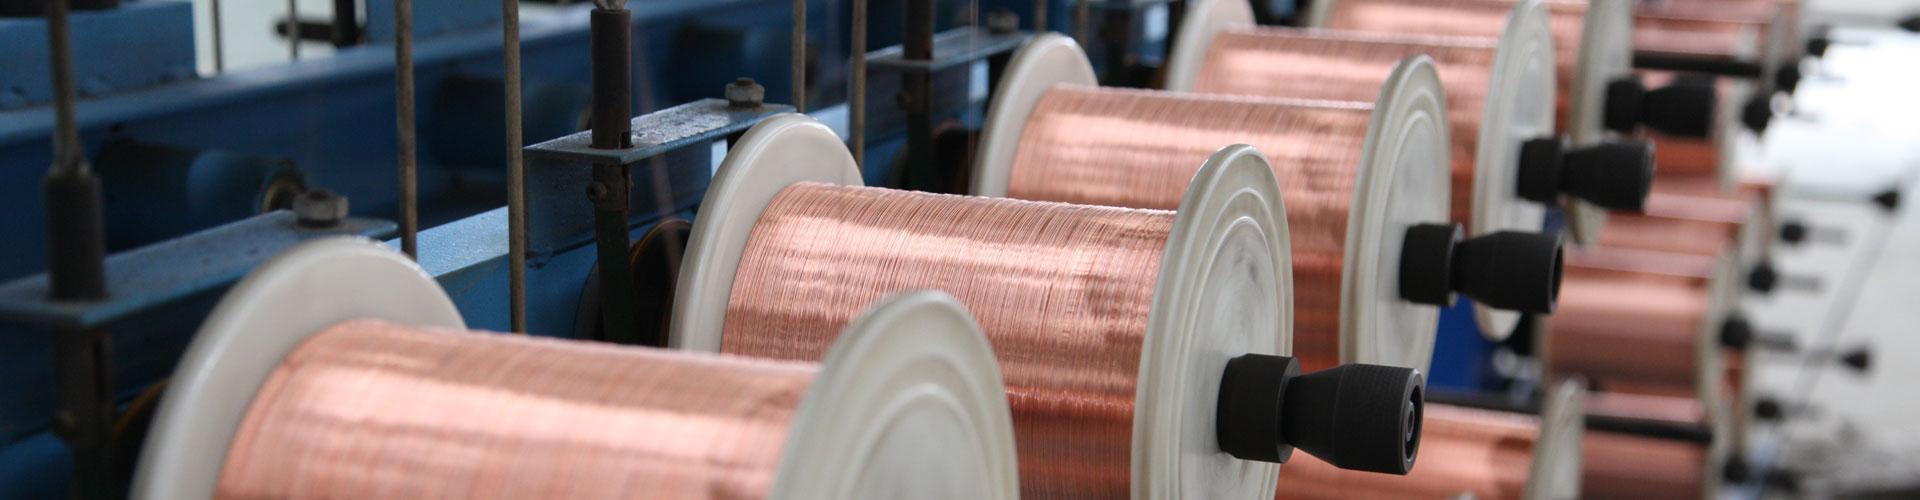 机床图片-河南亿博体育娱乐电缆集团有限公司电线电缆生产制造厂家